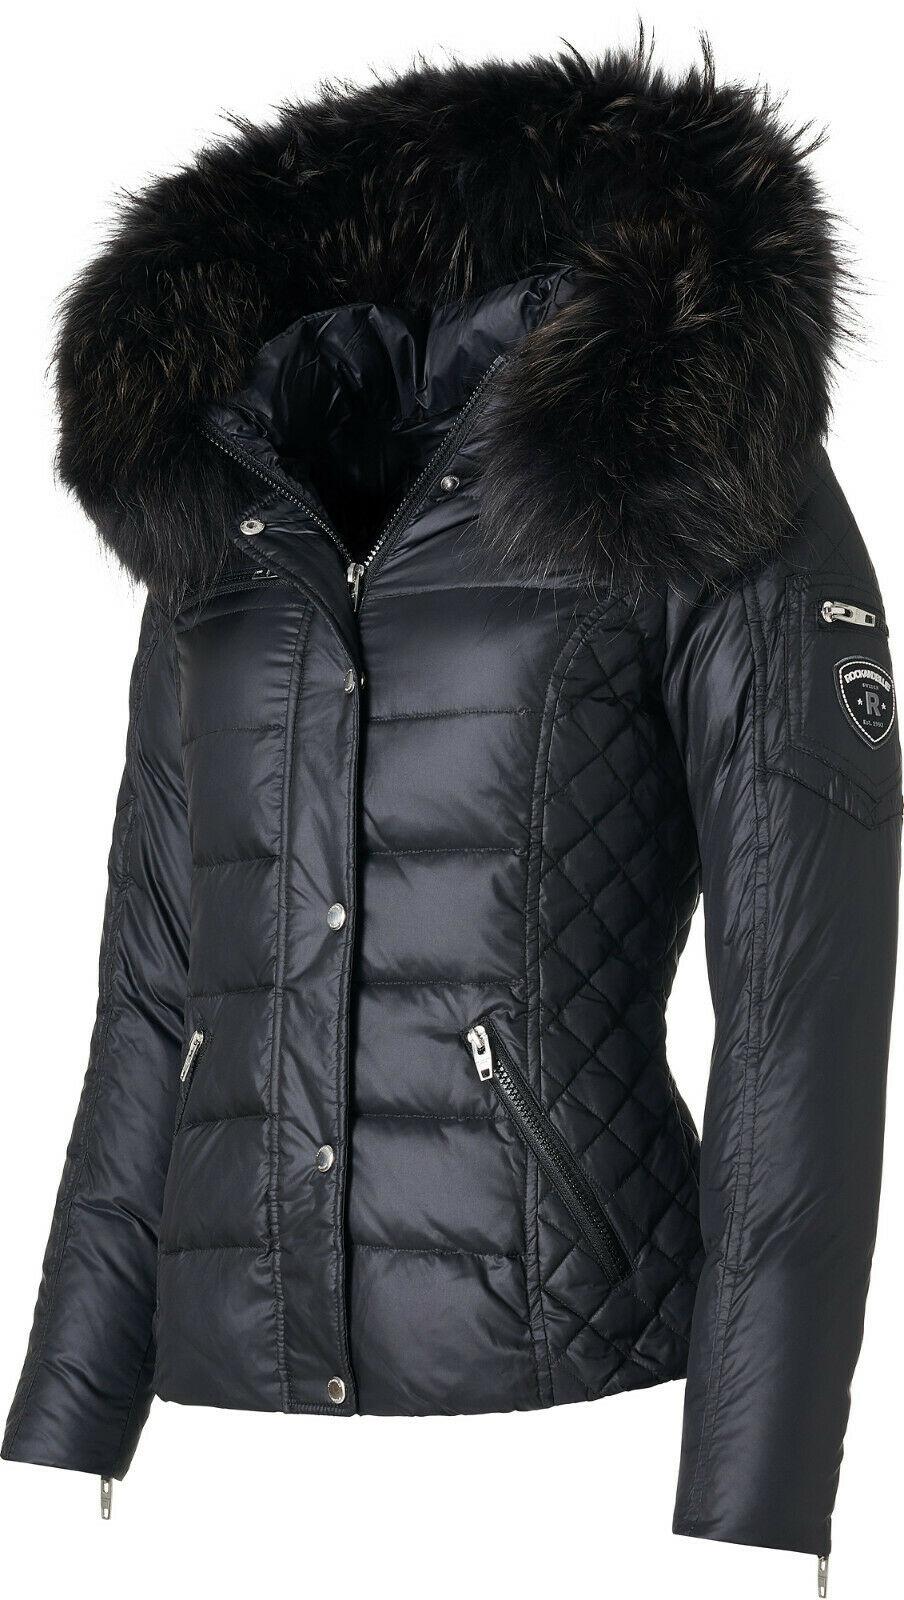 RockandBlue Zora Black / Black Daunen Jacke mit extra großem Echtfellkragen Saison 2021